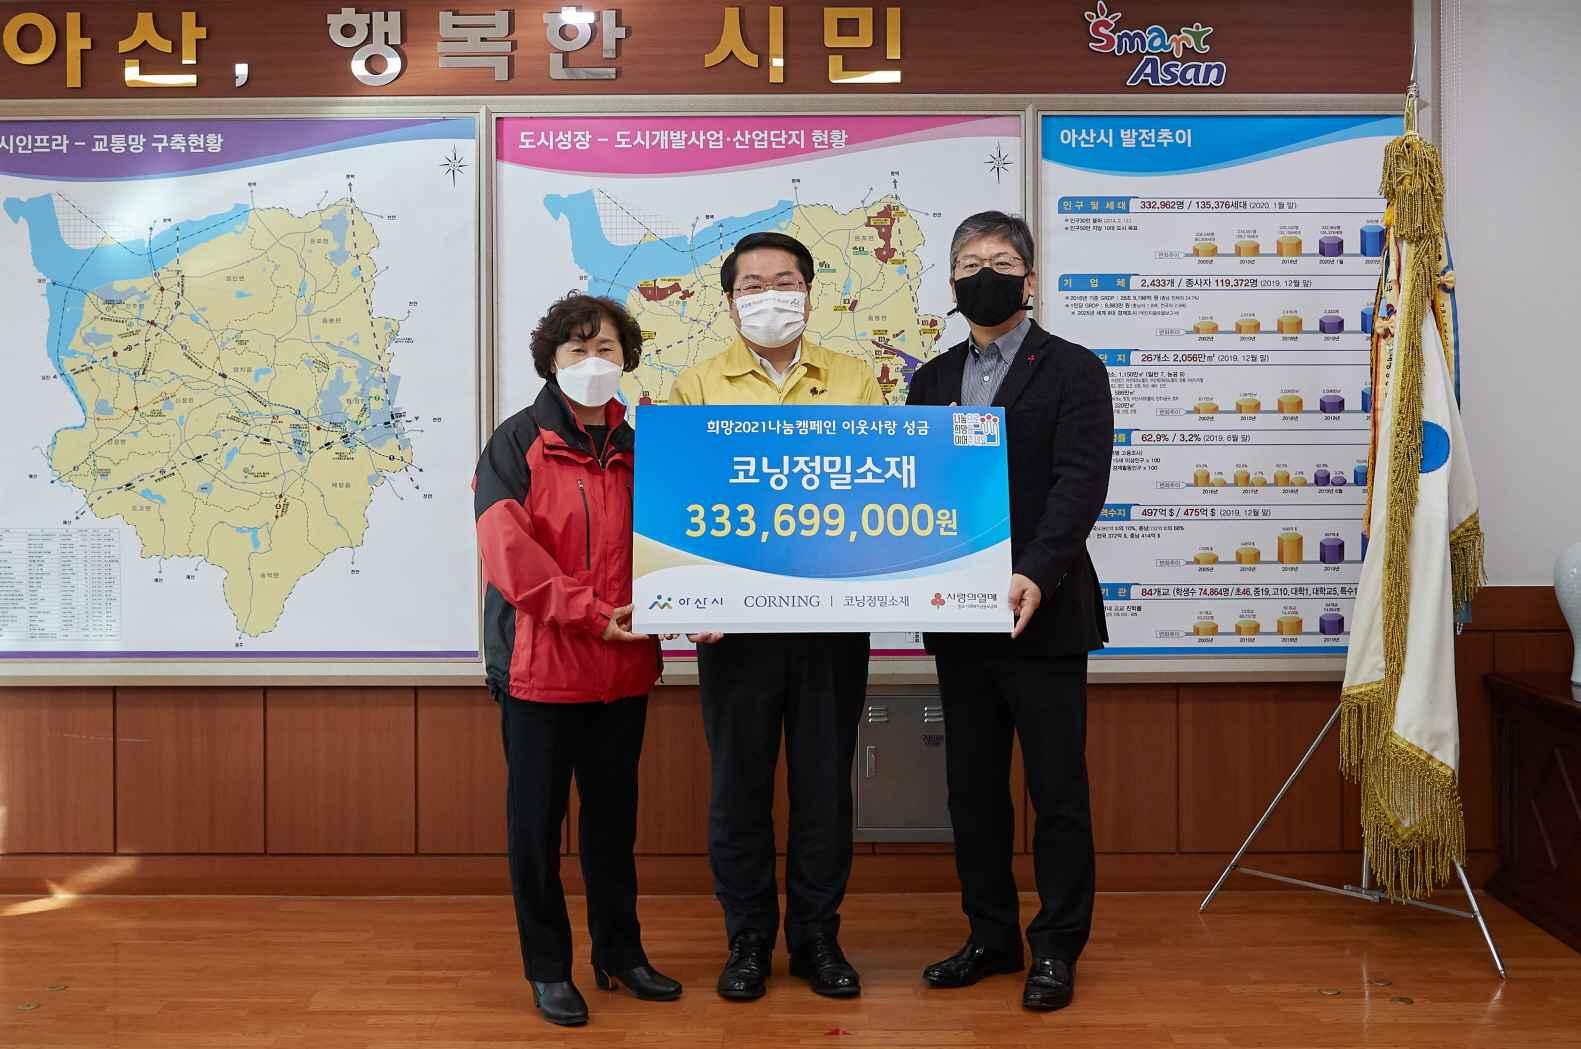 코닝정밀소재(주), 희망2021 나눔캠페인 성금 3억3300여만 원 후원 관련사진